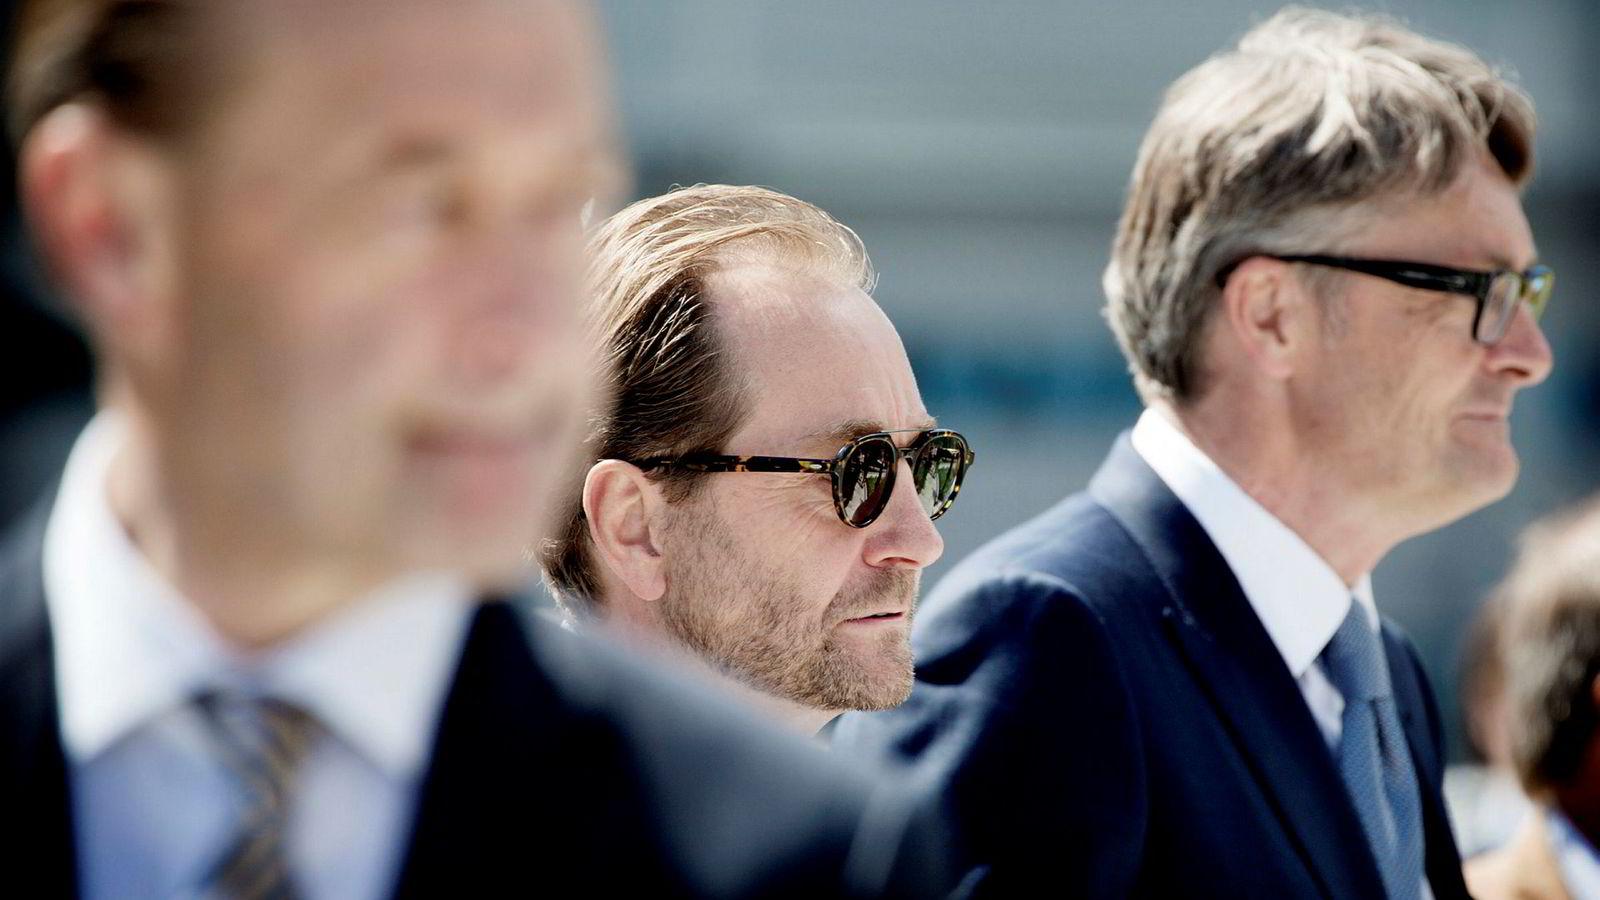 Styremedlem og hovedeier Kjell Inge Røkke i oljeselskapet Aker BP, får opphørsrefusjon fra staten i forbindelse med oppkjøpet av Hess Norge. Refusjonen var forutsatt i oppkjøpet. Her er Røkke med styreleder Øyvind Eriksen til høyre.